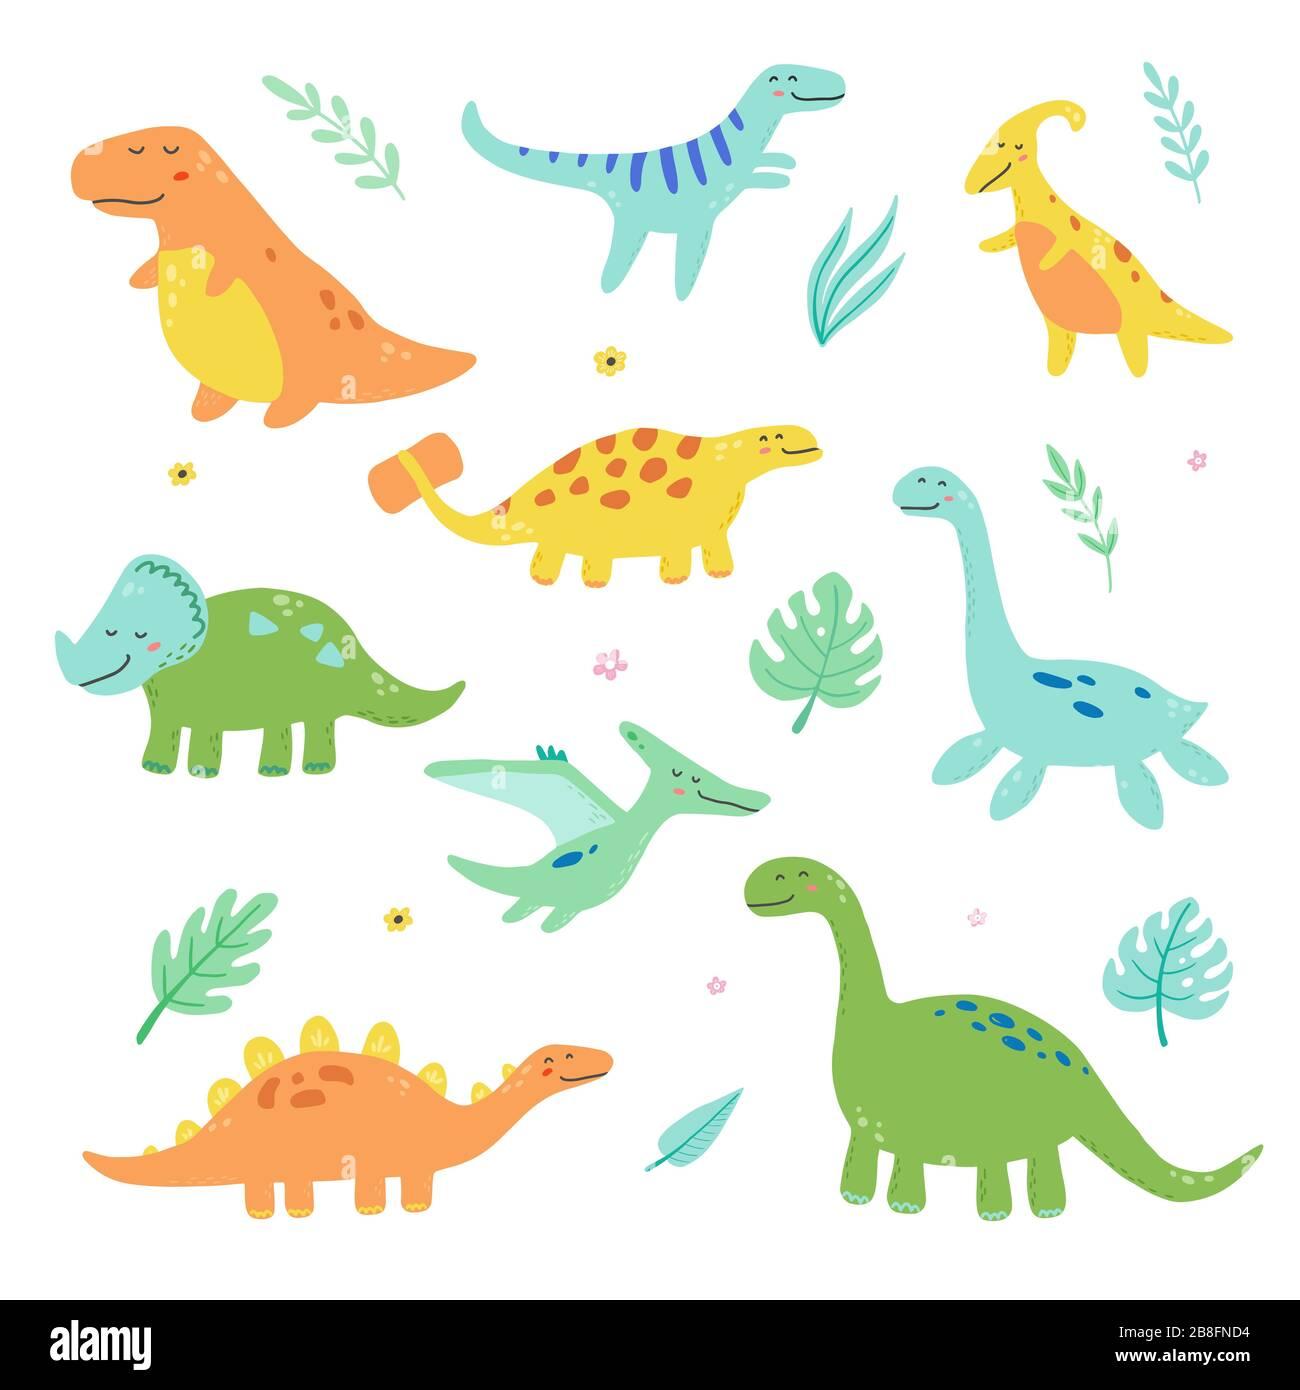 Coqueto Conjunto De Dinosaurio Para Ninos Diseno De Bebe Clipart Dino Colorido De Estilo Dibujado A Mano Ilustracion Vectorial De Dinosaurios Aislados Sobre El Fondo Imagen Vector De Stock Alamy Interés del juego para niños online: https www alamy es coqueto conjunto de dinosaurio para ninos diseno de bebe clipart dino colorido de estilo dibujado a mano ilustracion vectorial de dinosaurios aislados sobre el fondo image349470720 html